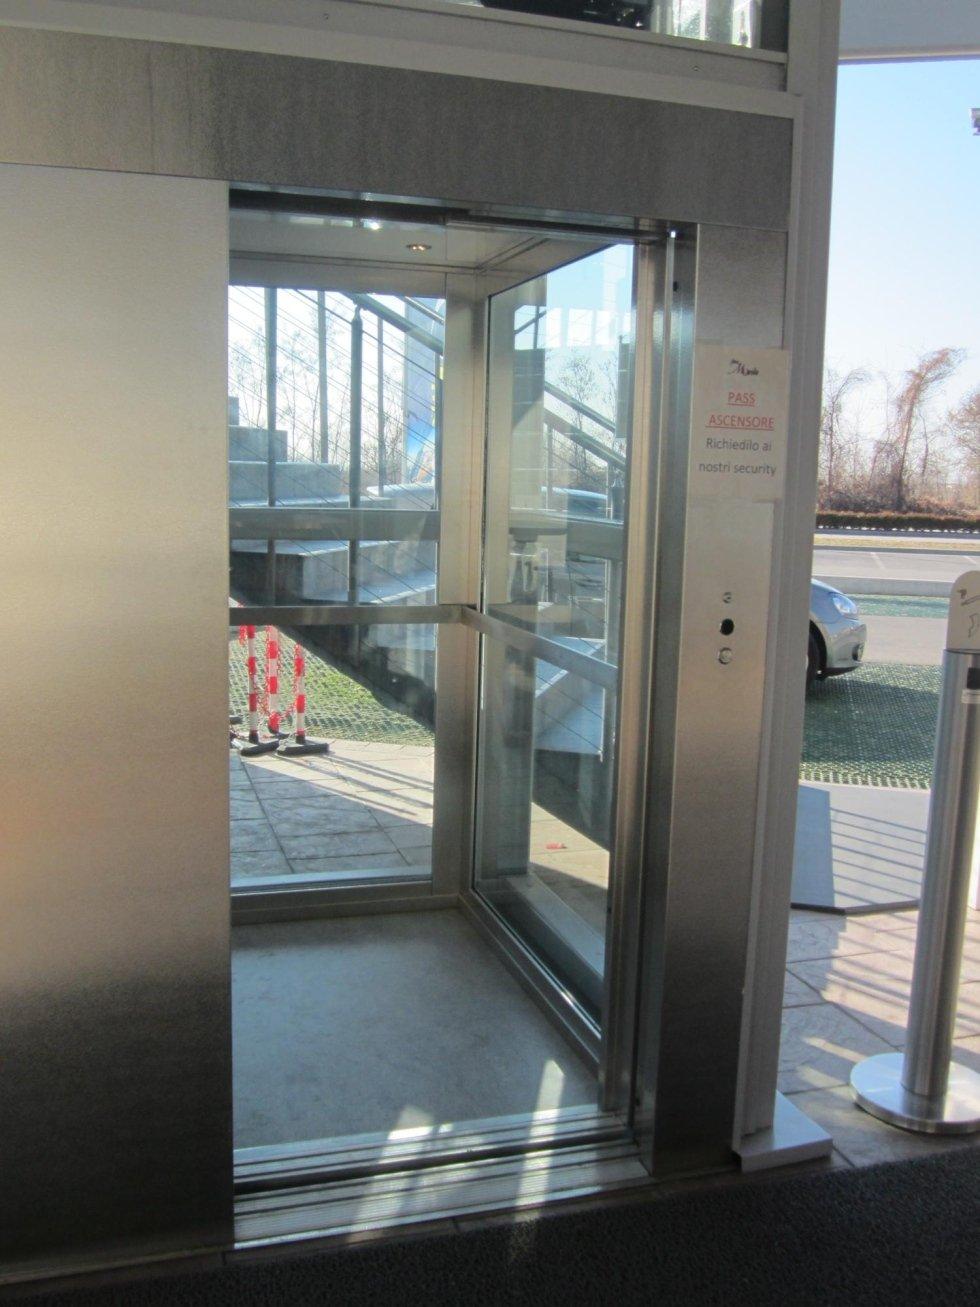 vetro antisfondamento mestrino pd vergati ascensori